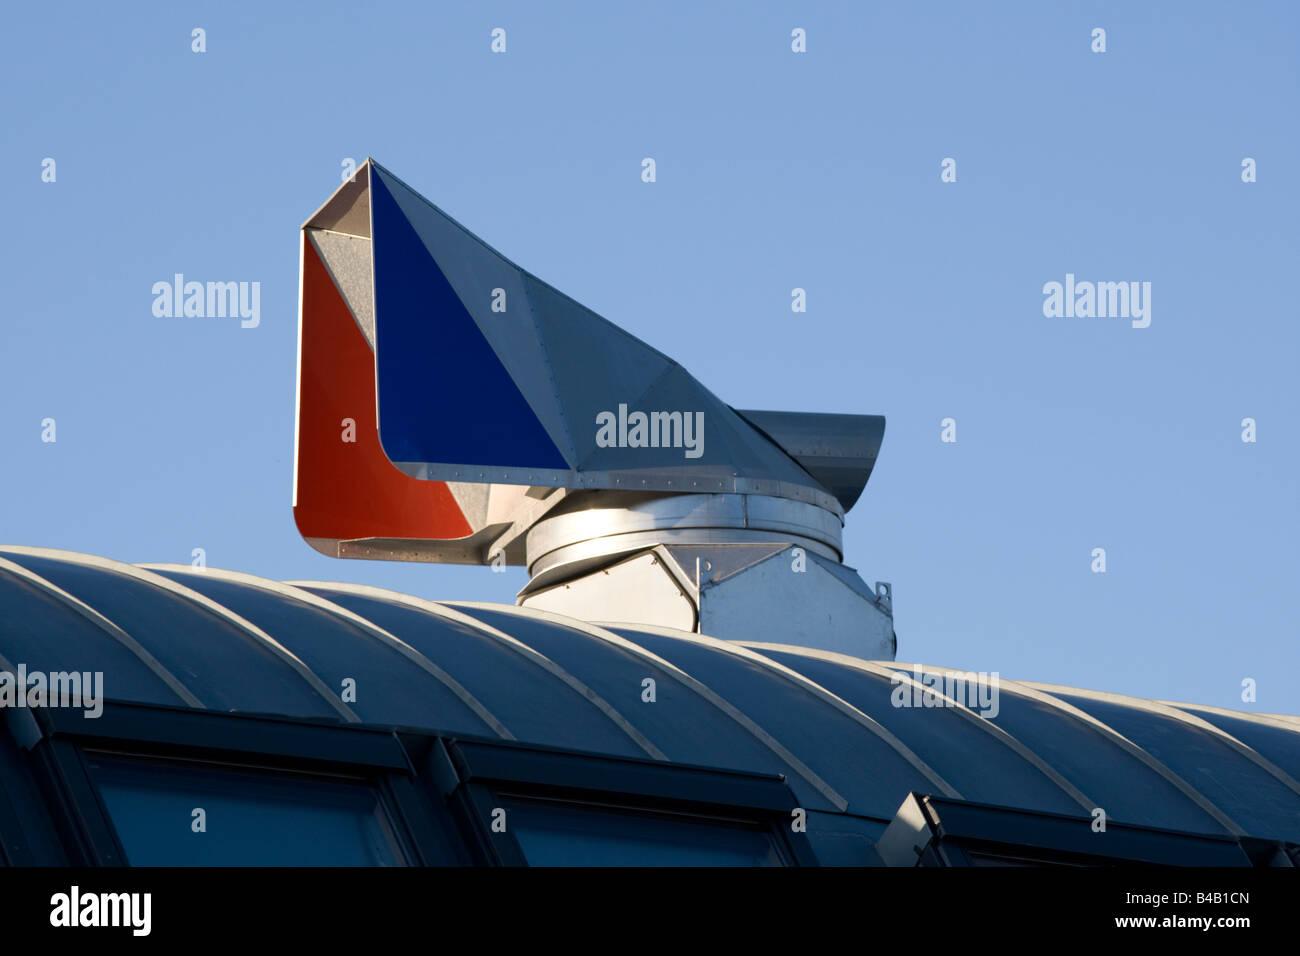 Tableau de bord du vent la ventilation à récupération de chaleur passive Port Jubilé près Photo Stock